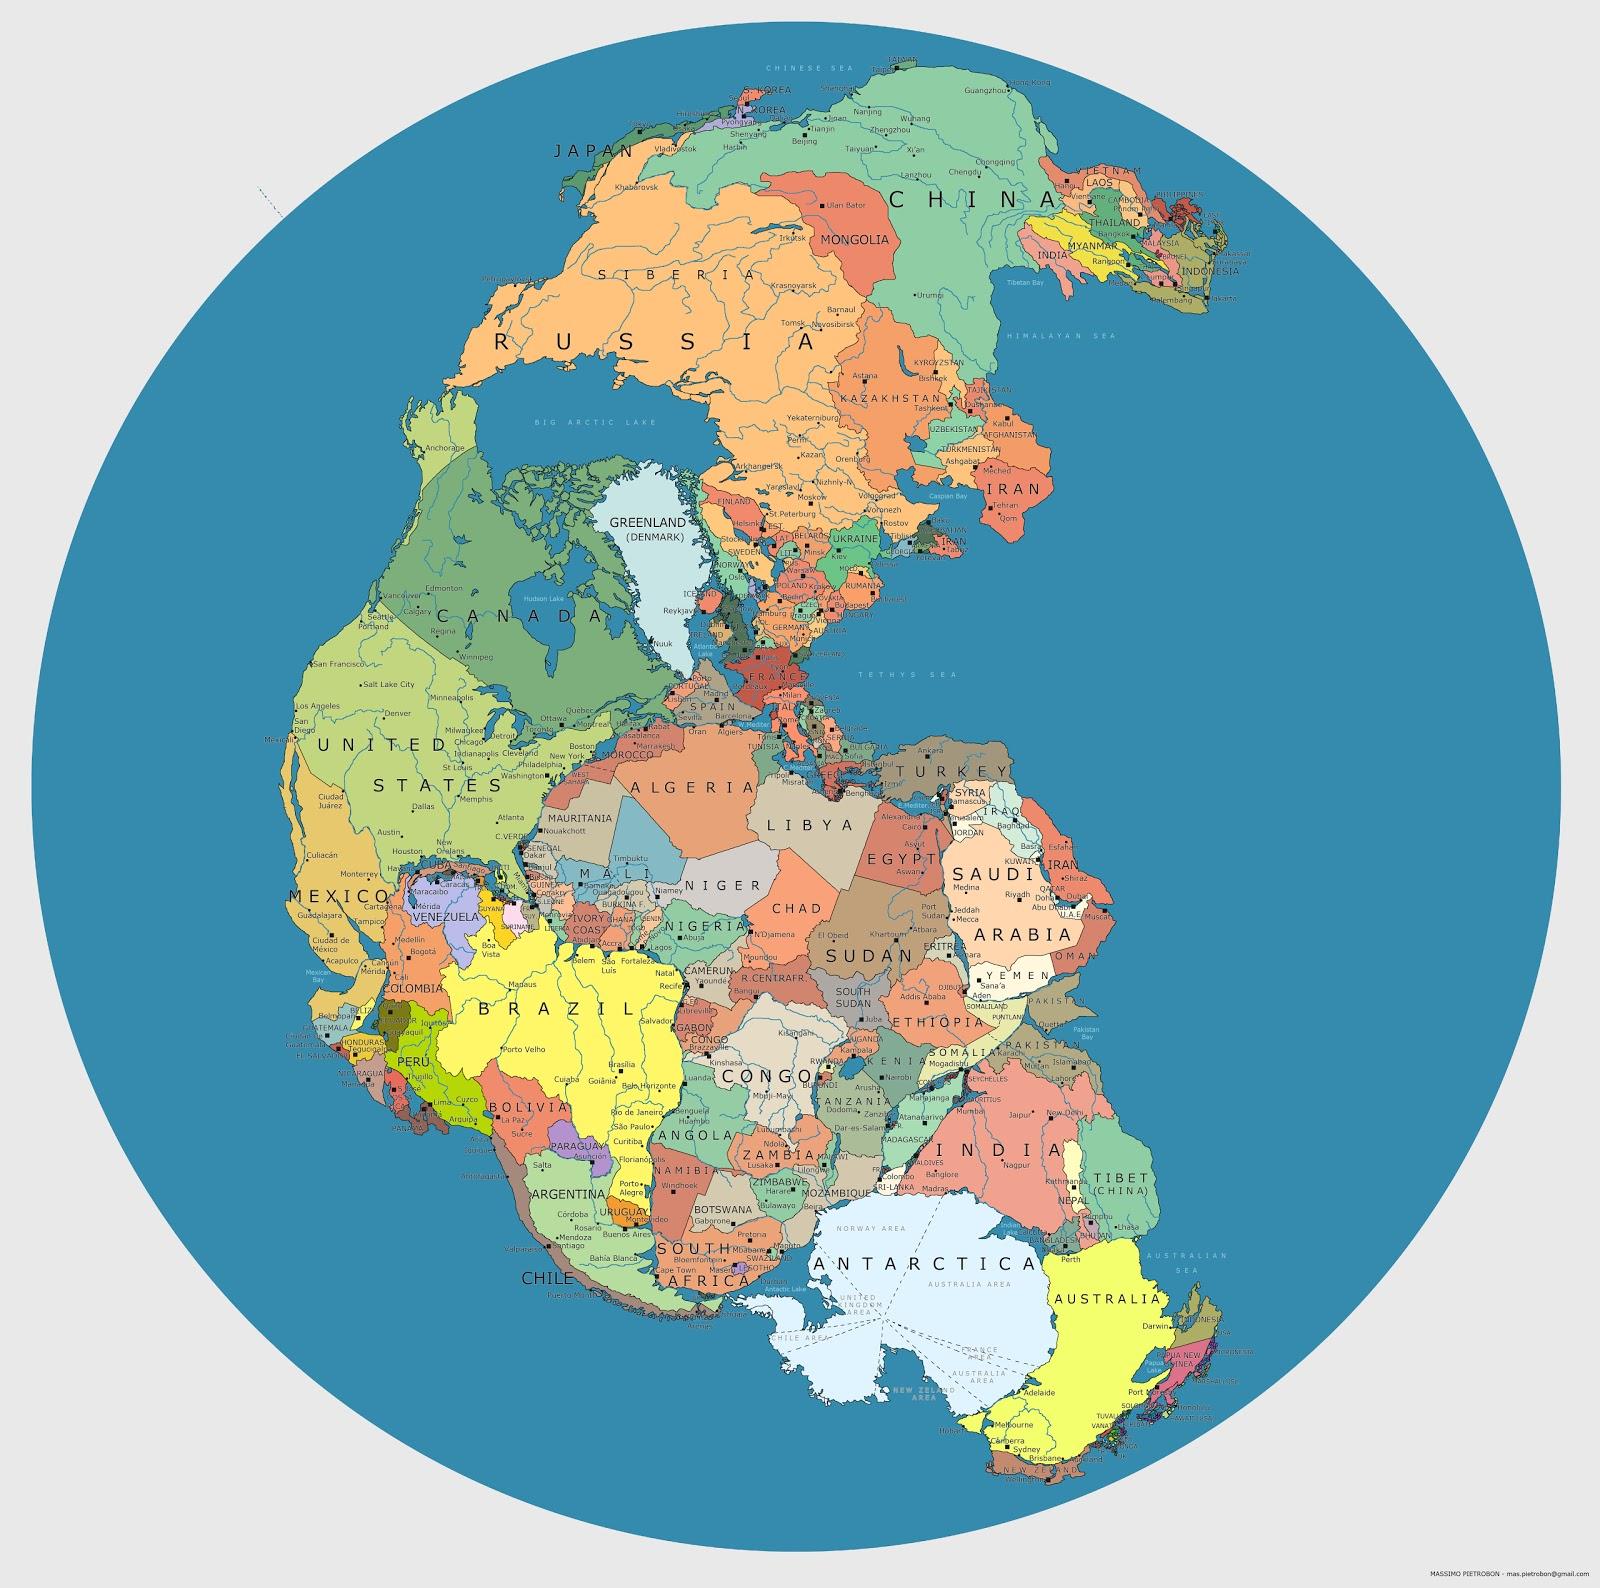 La mappa del supercontinente Pangea con i confini politici degli stati odierni (via Brilliant Maps)